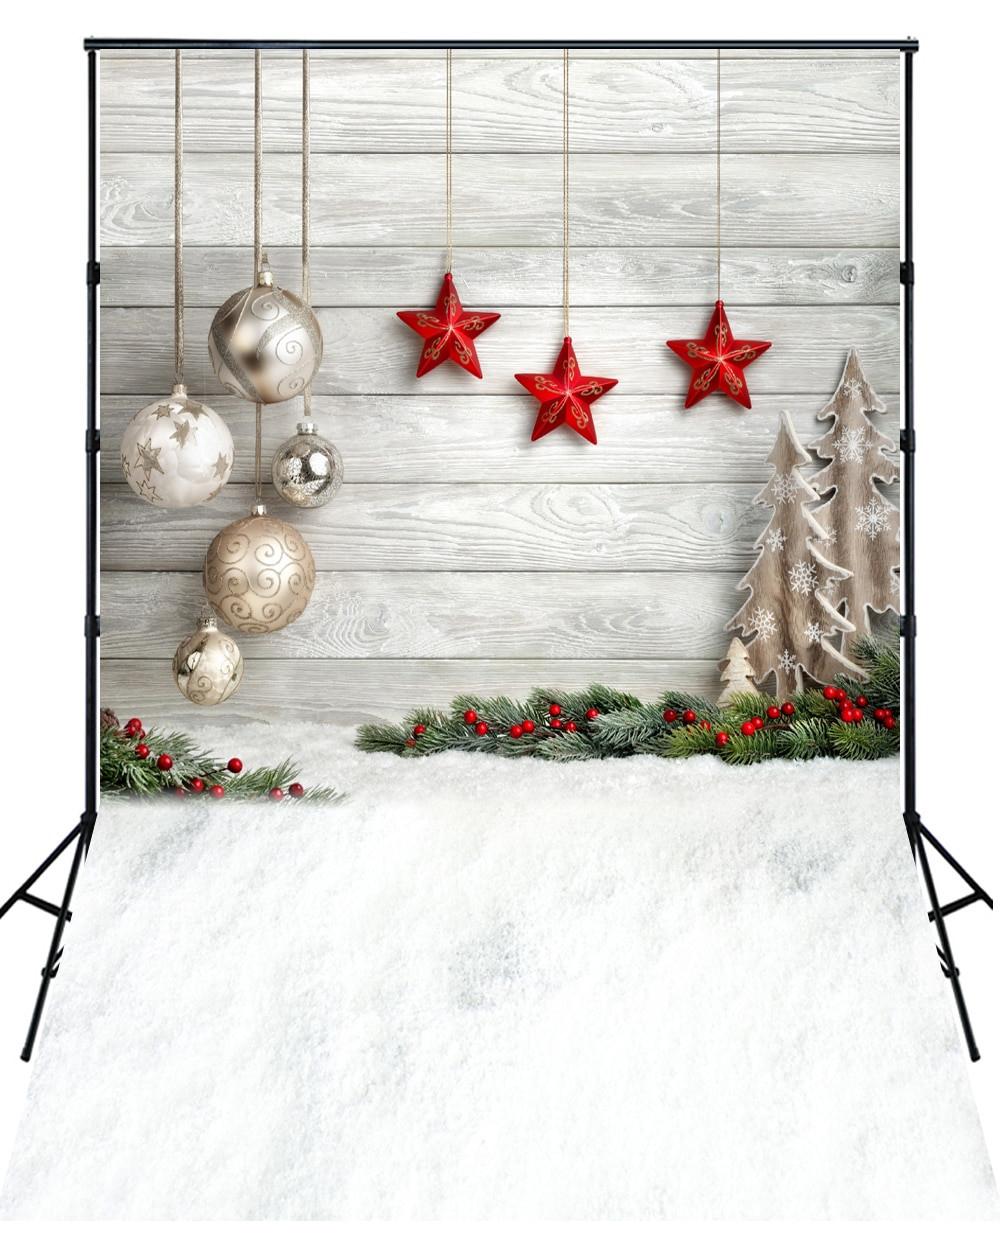 DIY Christmas Photography Backdrop  line Buy Wholesale christmas photography children from